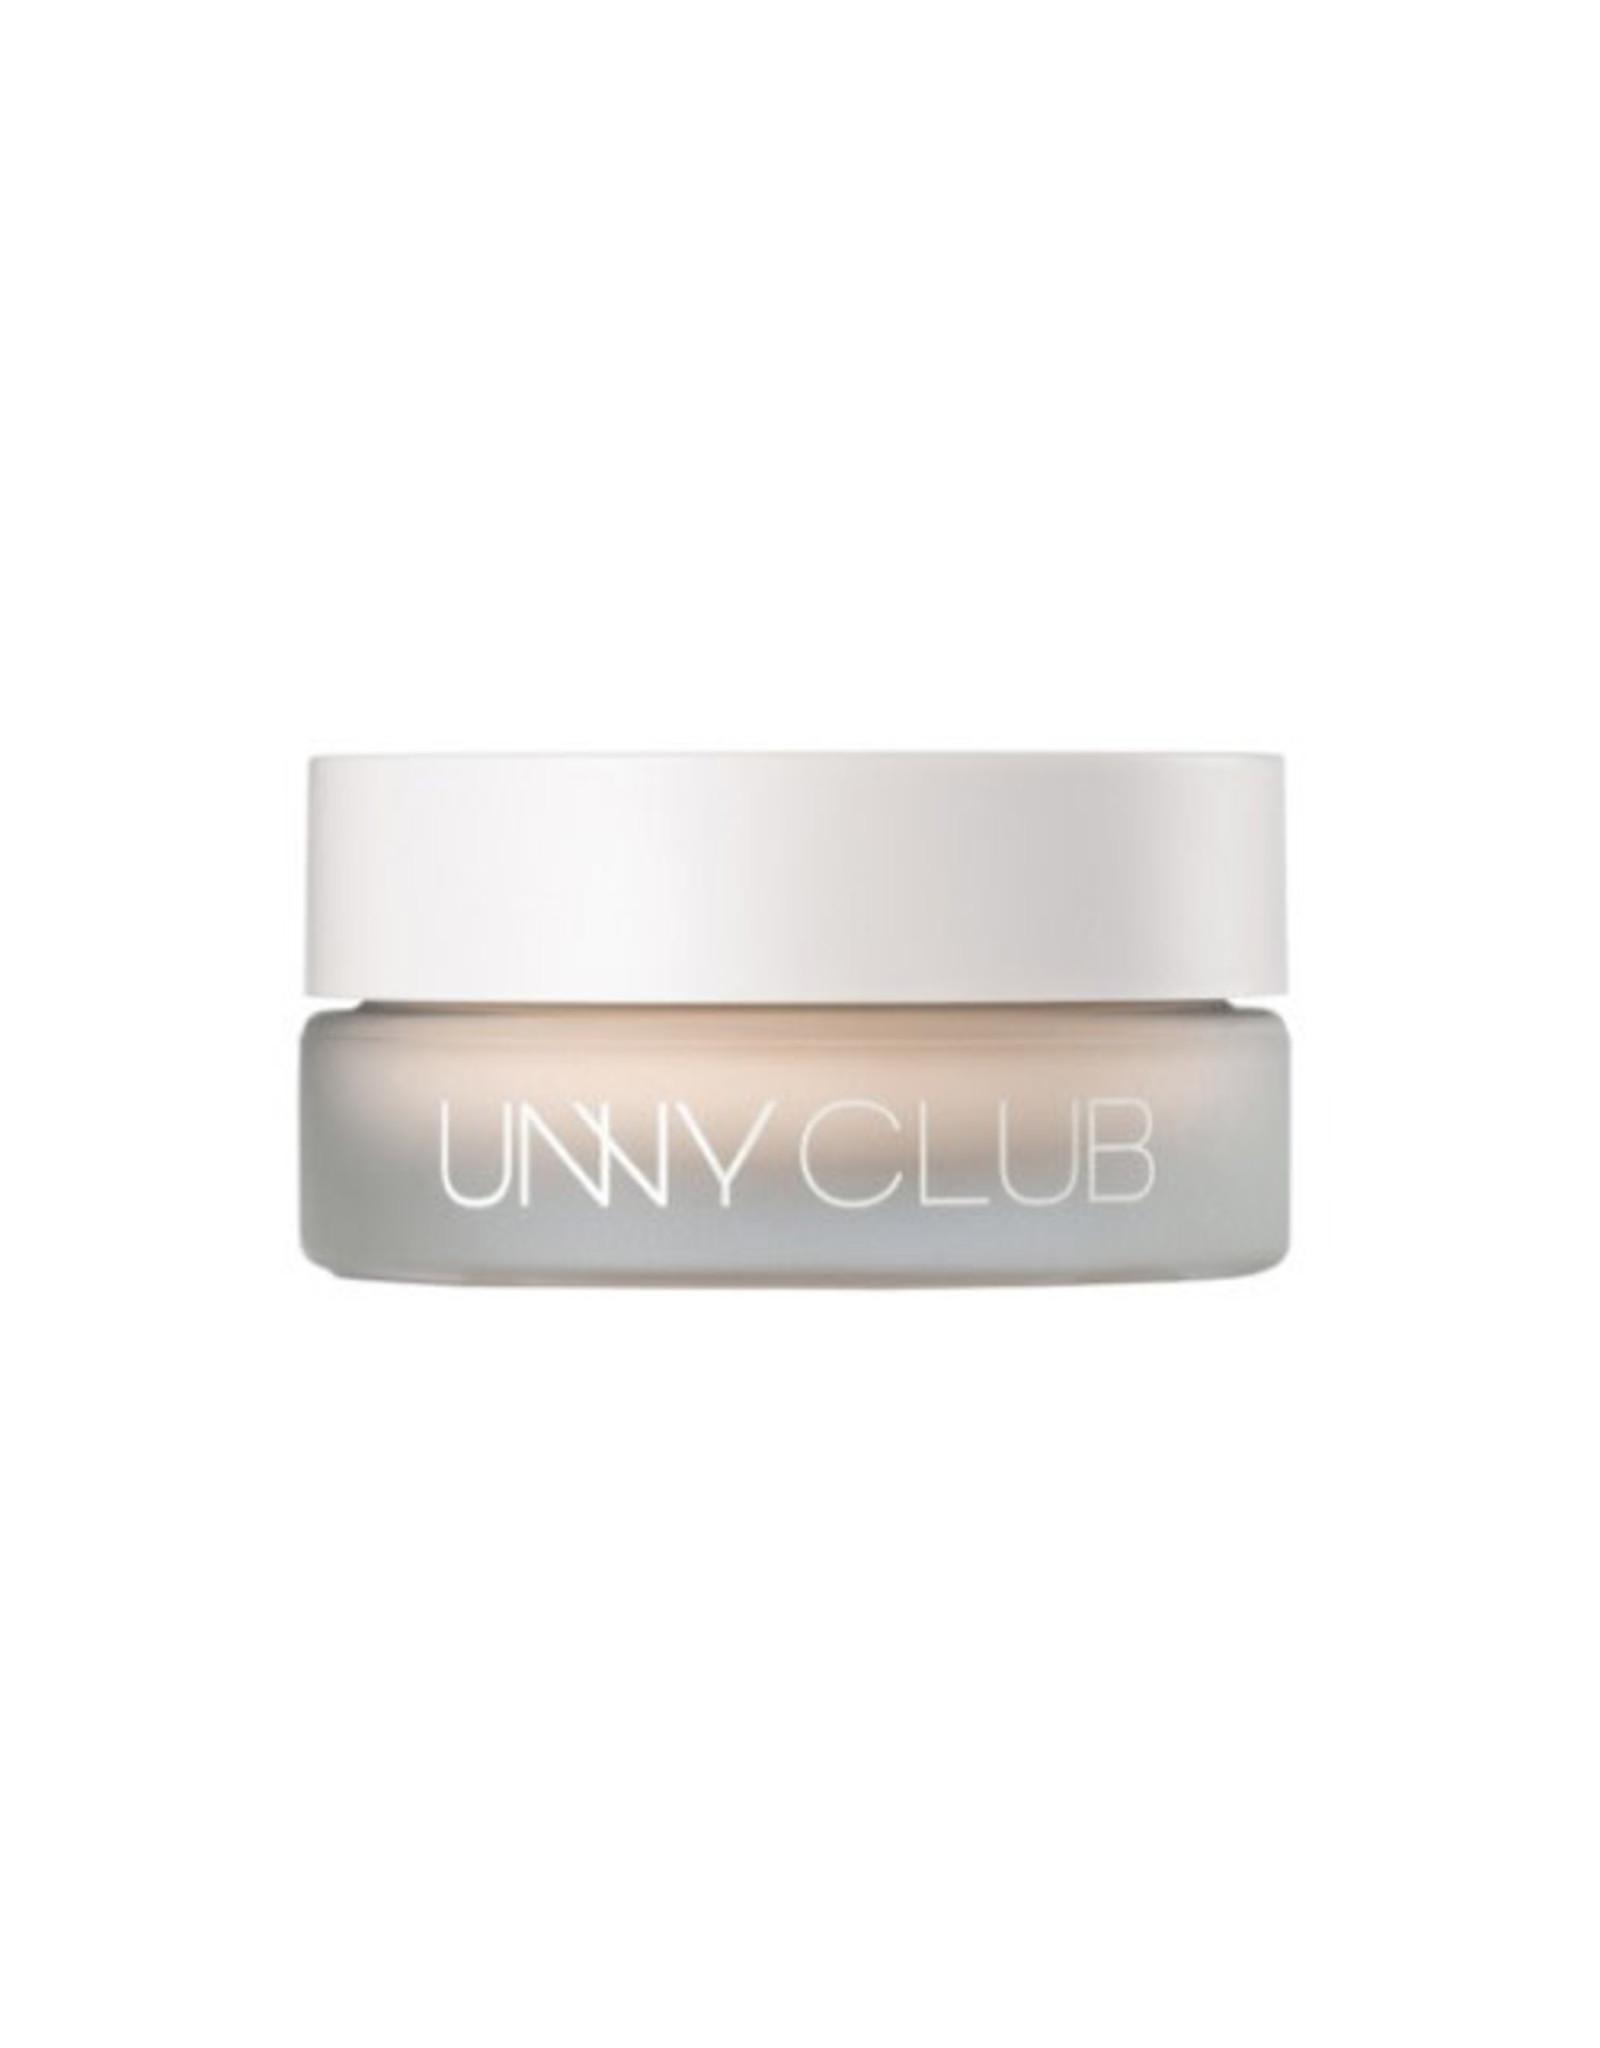 UNNY Club Unny Club Beloved Flawless Cream Foundation